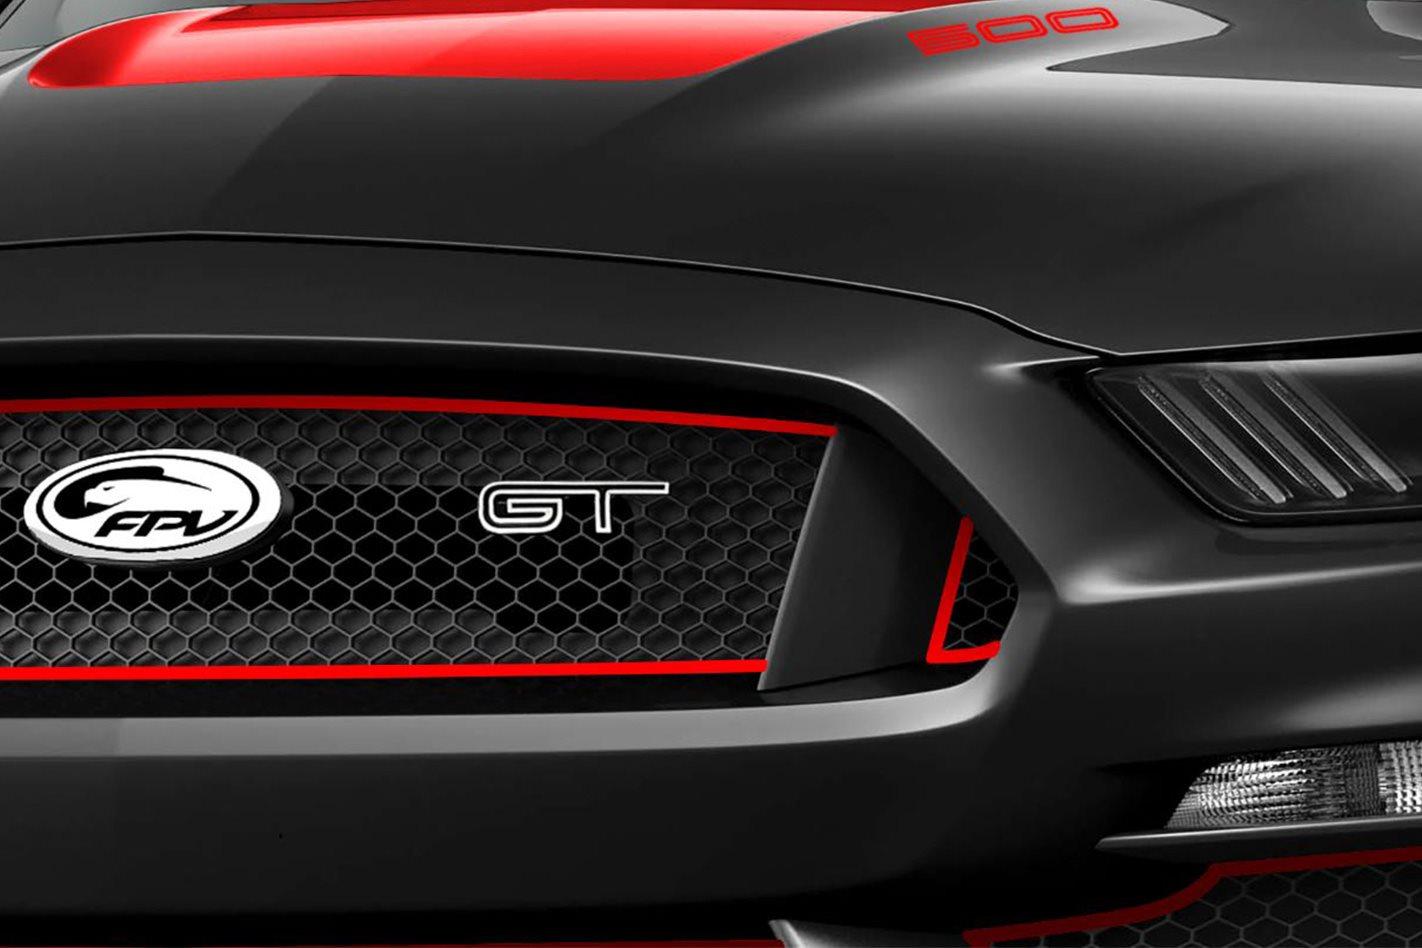 FPV Mustang badge